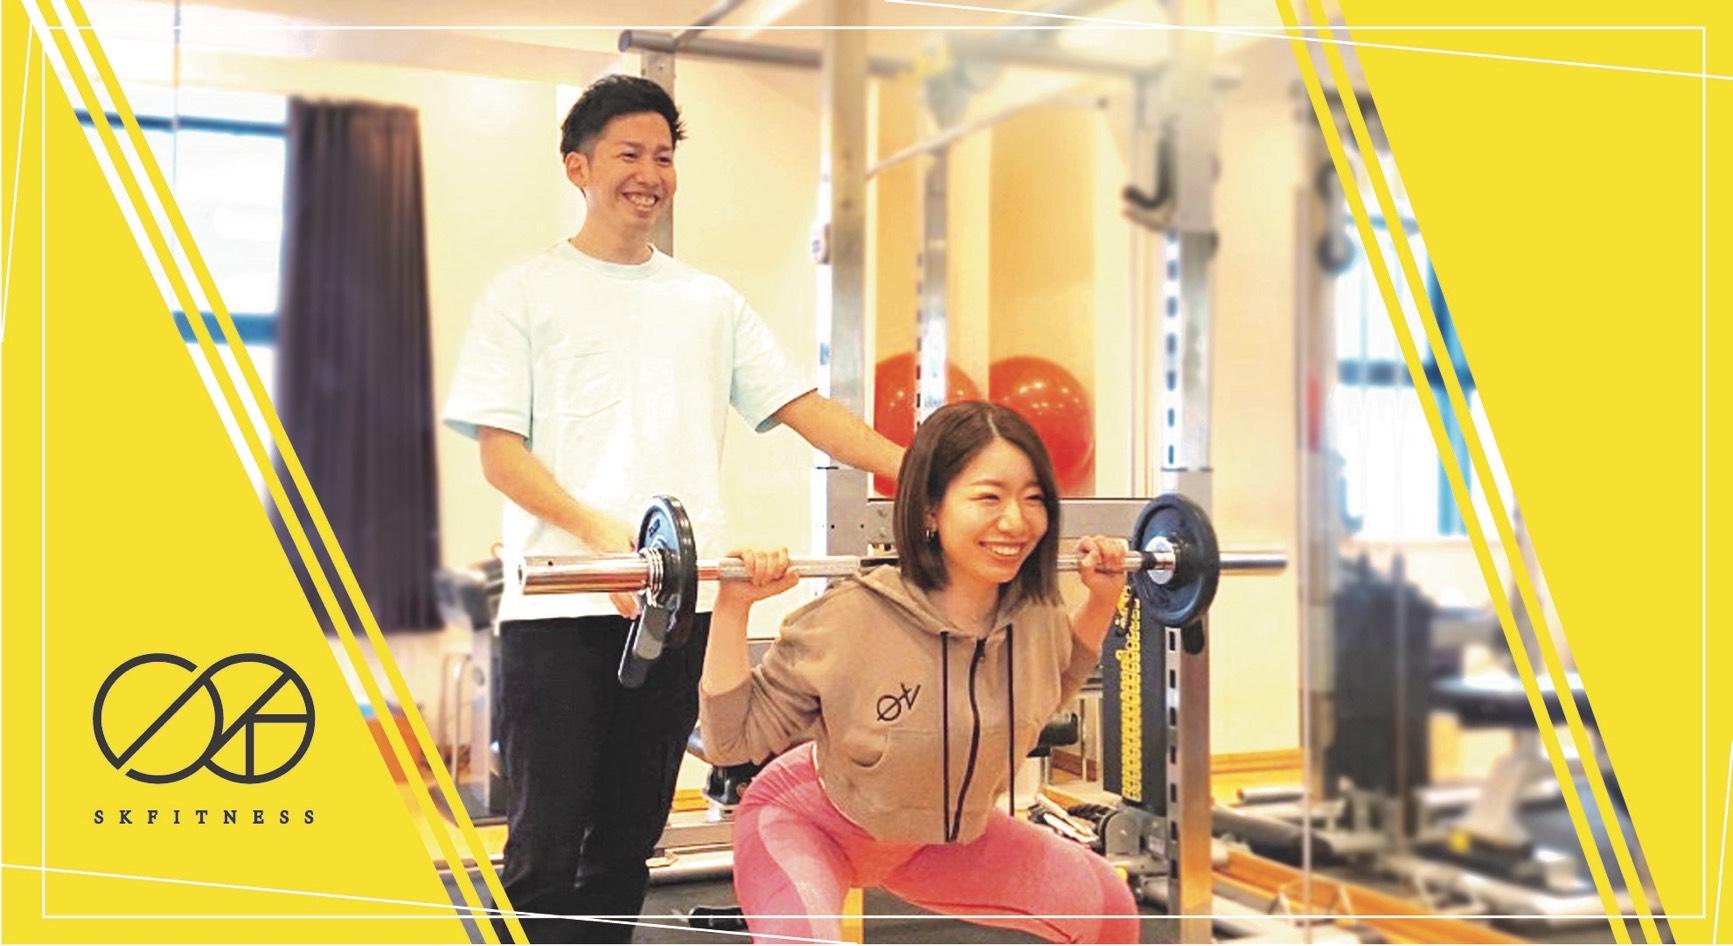 sk fitnessの施設画像